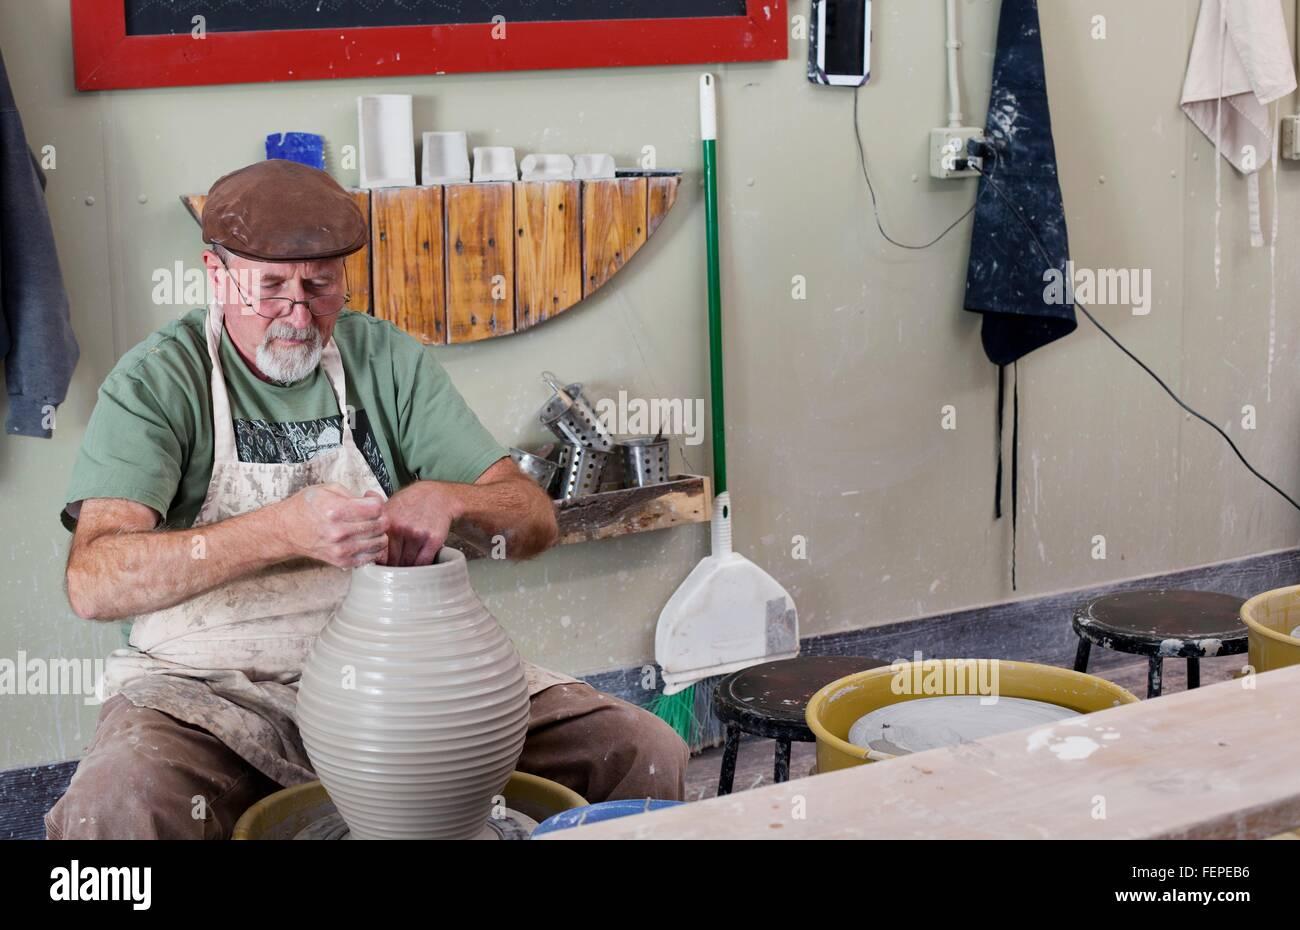 Potter mit flachen Mütze sitzt an der Töpferscheibe Gestaltung Ton vase Stockfoto